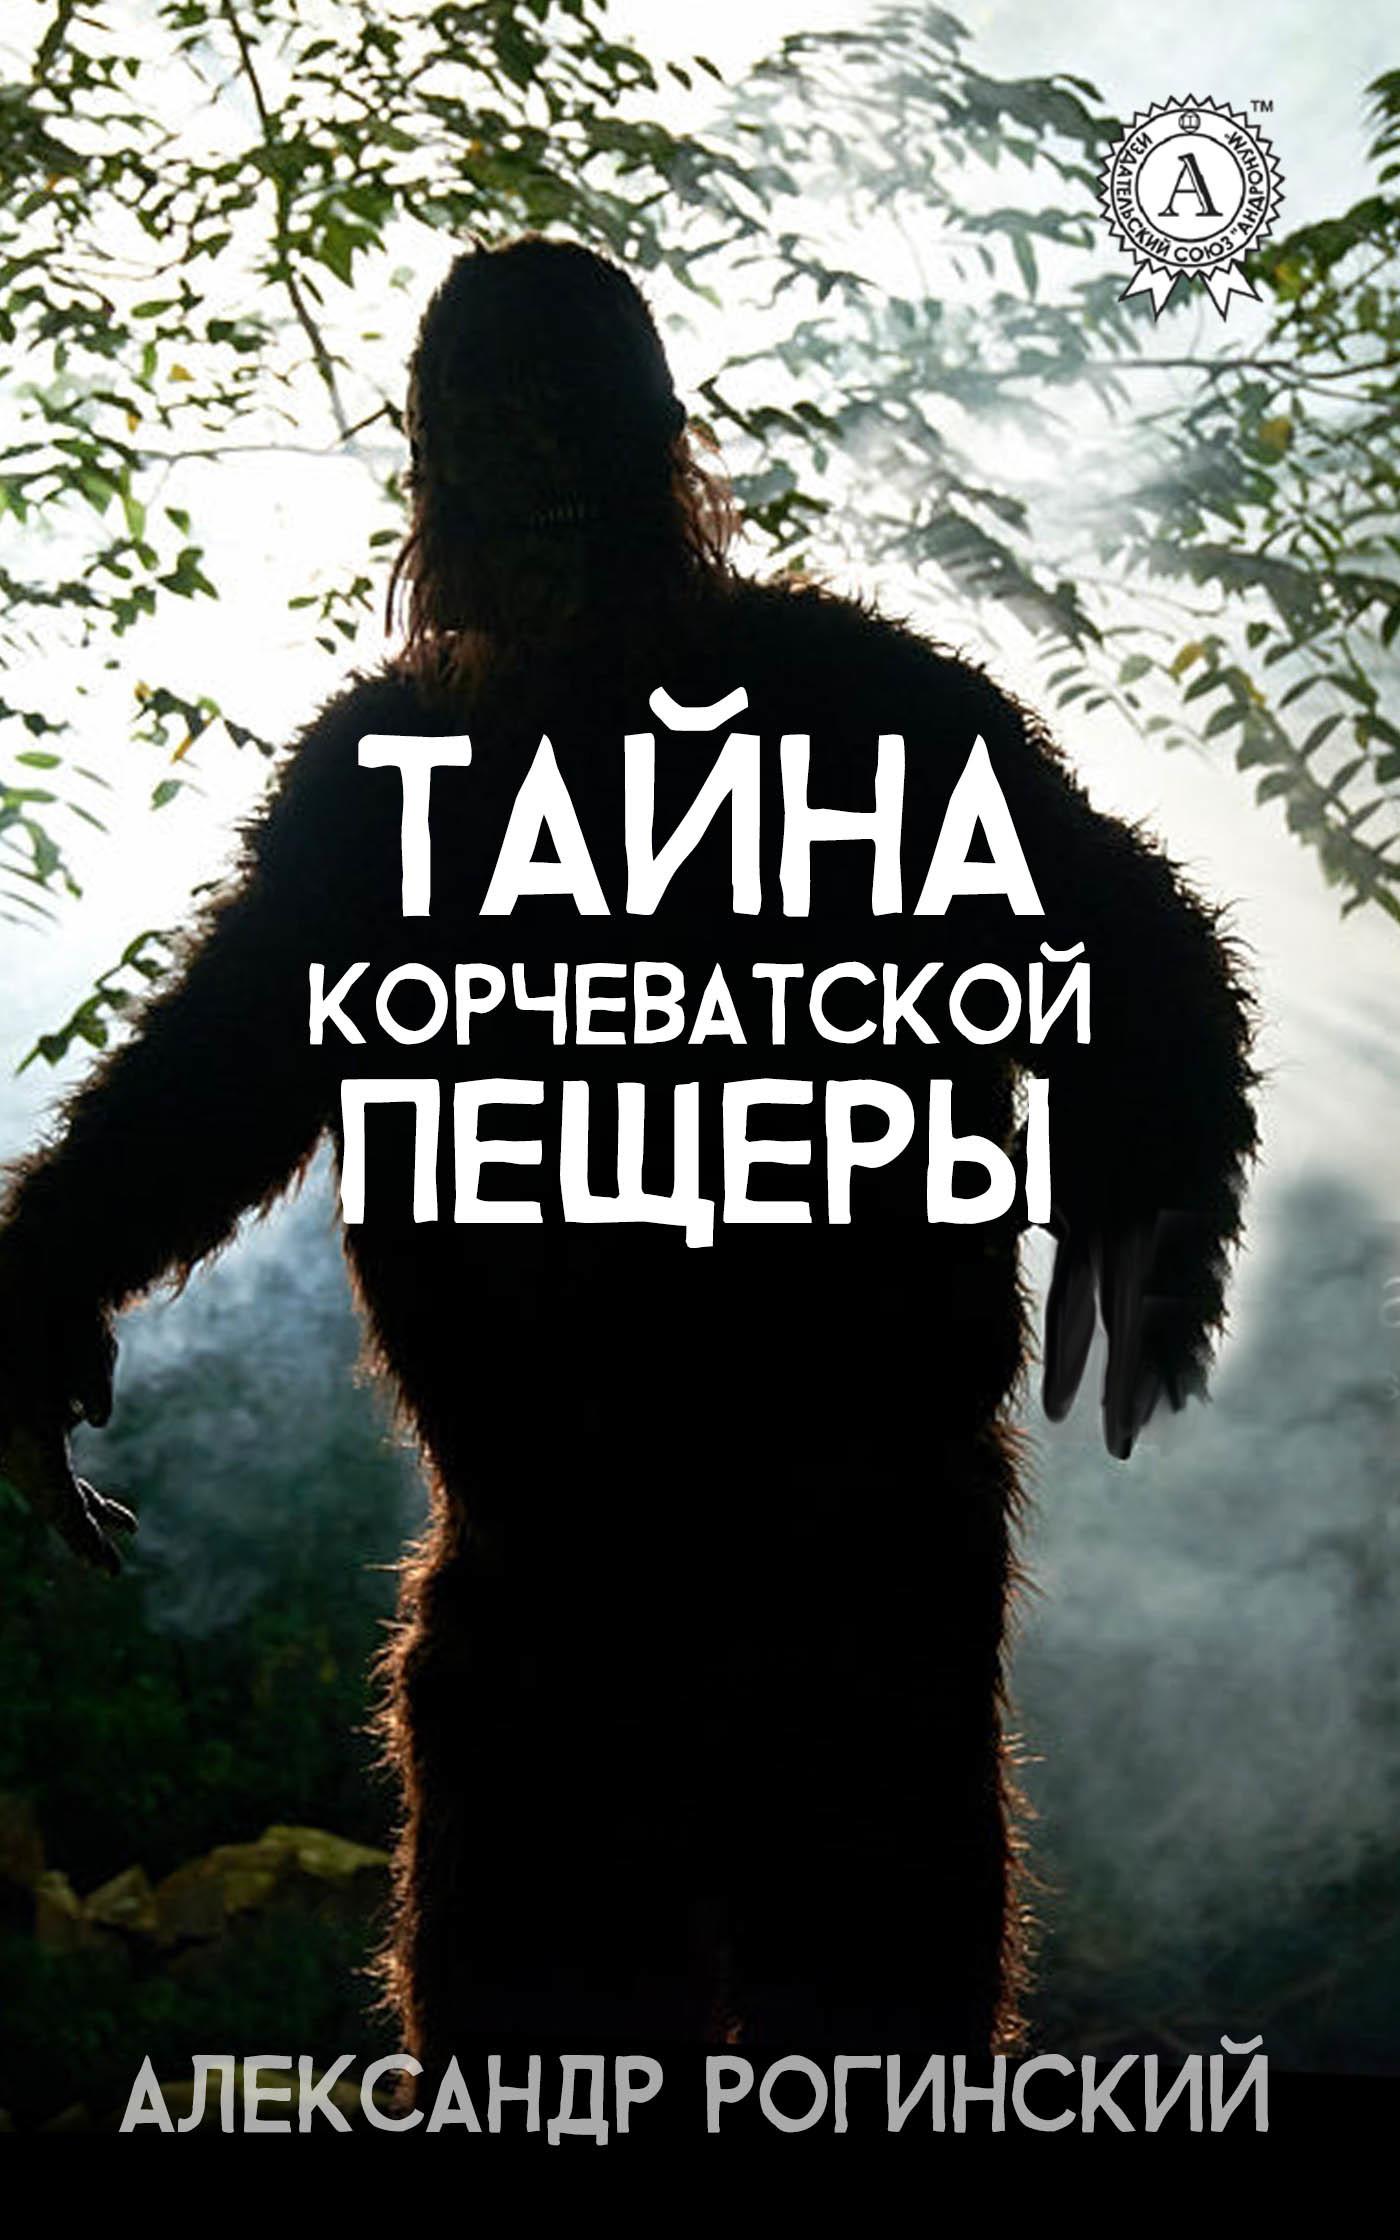 Александр Рогинский Тайна Корчеватской пещеры мобильные телефоны раскладушки купить через интернет